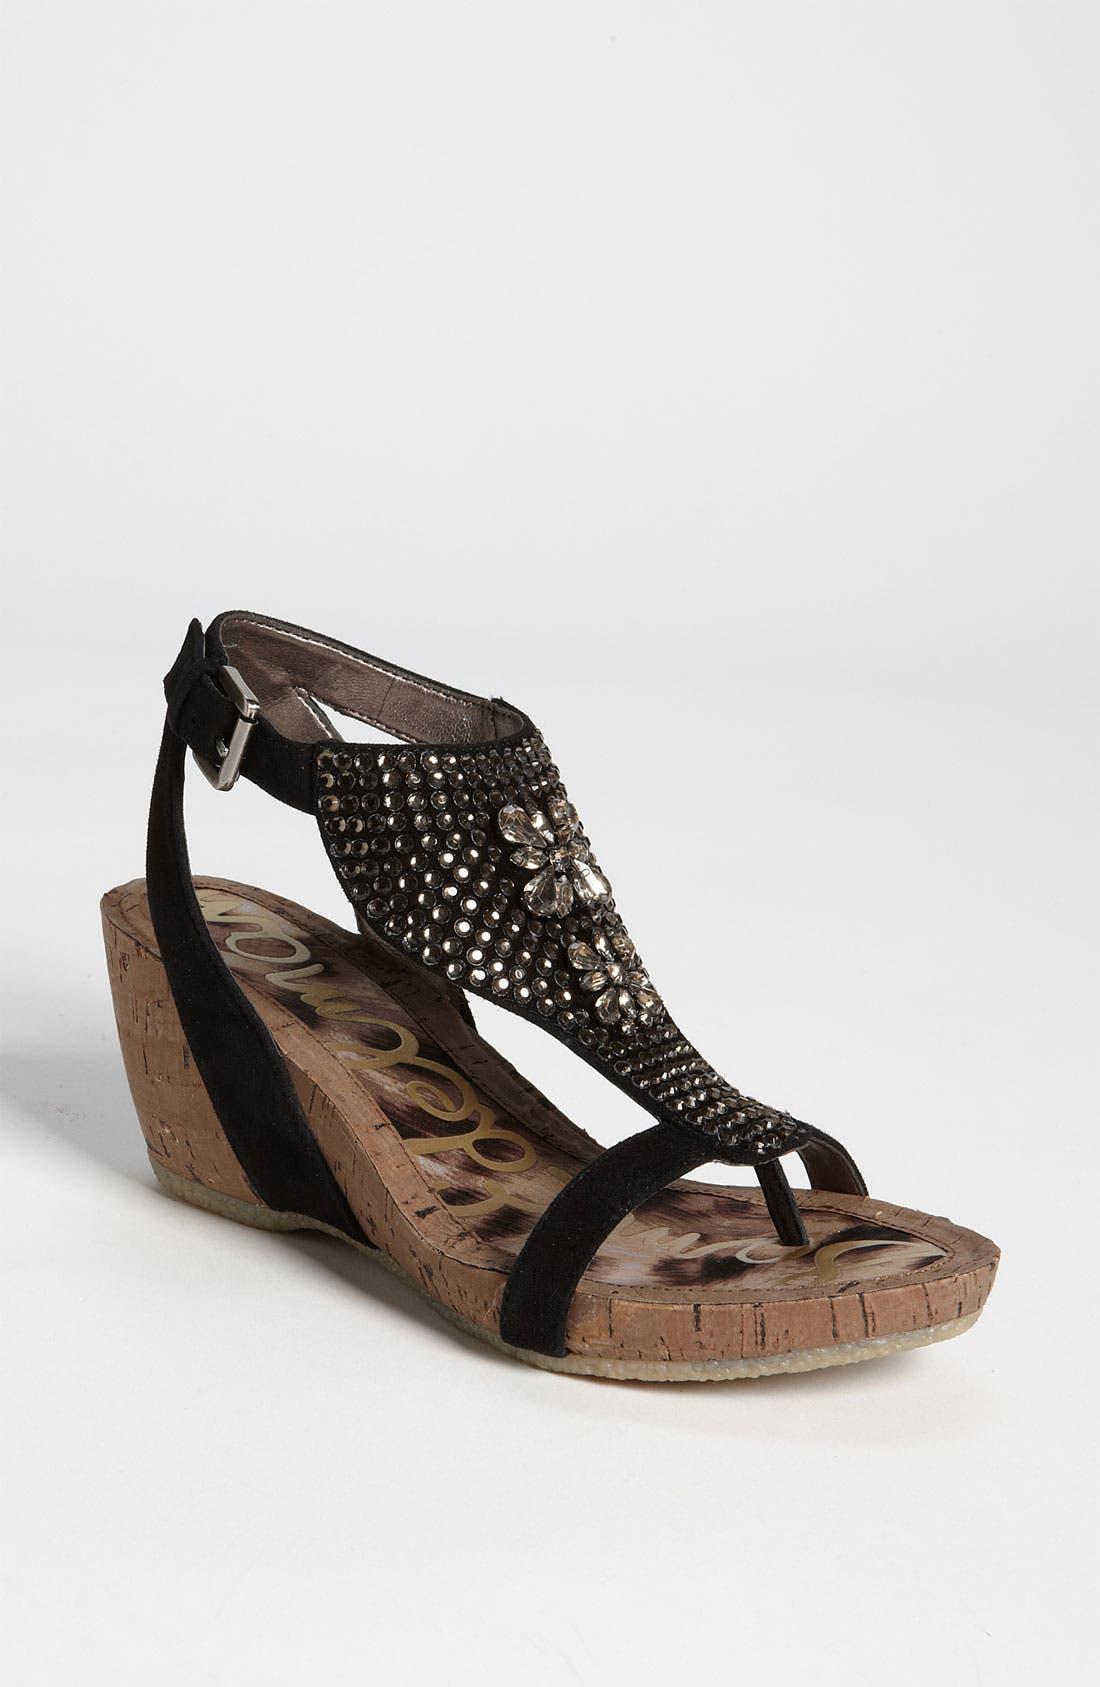 Alternate Image 1 Selected - Sam Edelman 'Neva' Sandal